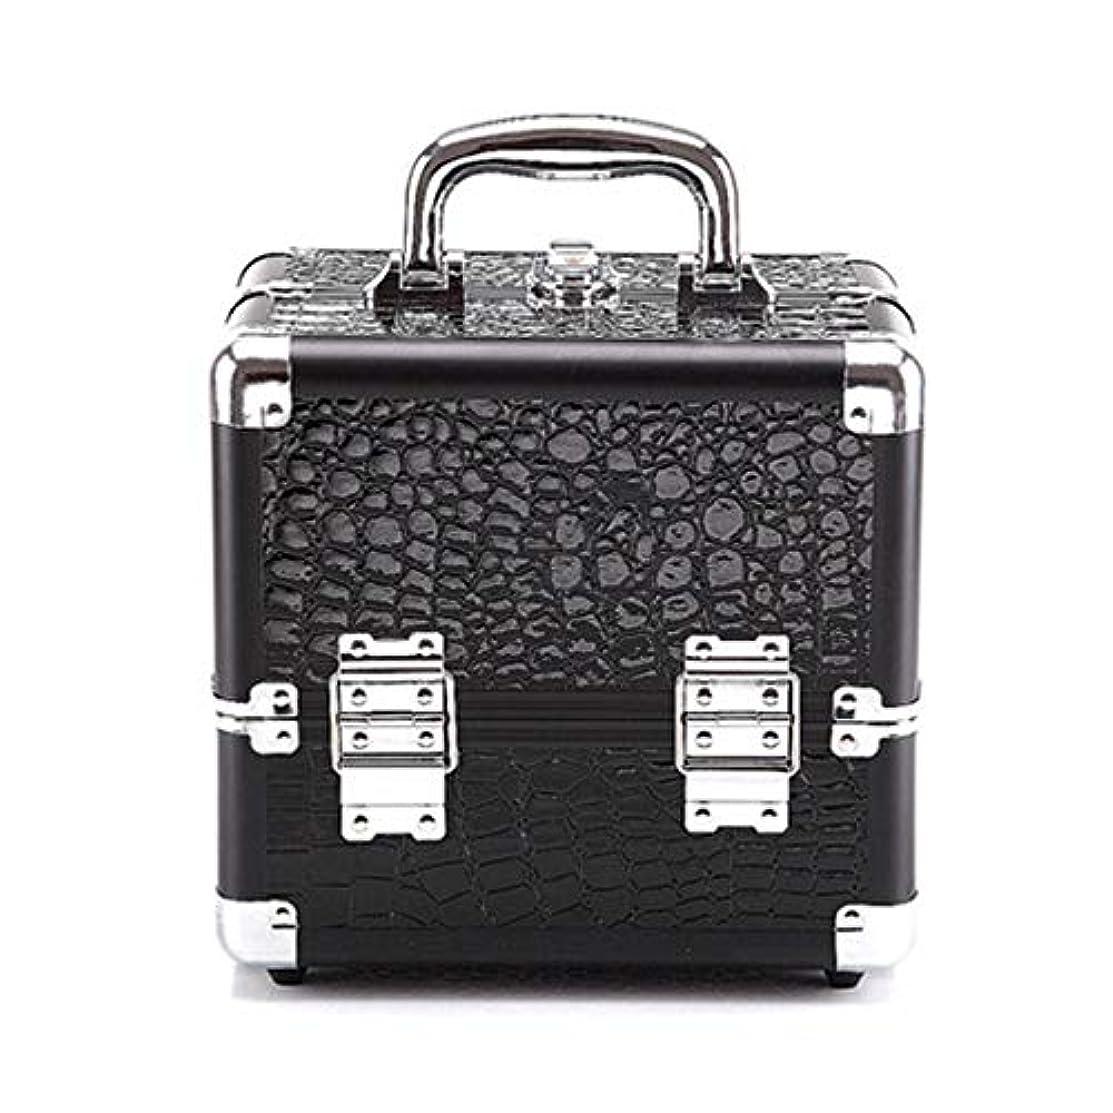 スリンク詳細なそれにもかかわらず特大スペース収納ビューティーボックス 多機能ポータブル旅行化粧ケース化粧品袋トイレタリーバッグ用十代の女の子女性アーティスト 化粧品化粧台 (色 : Black(S))